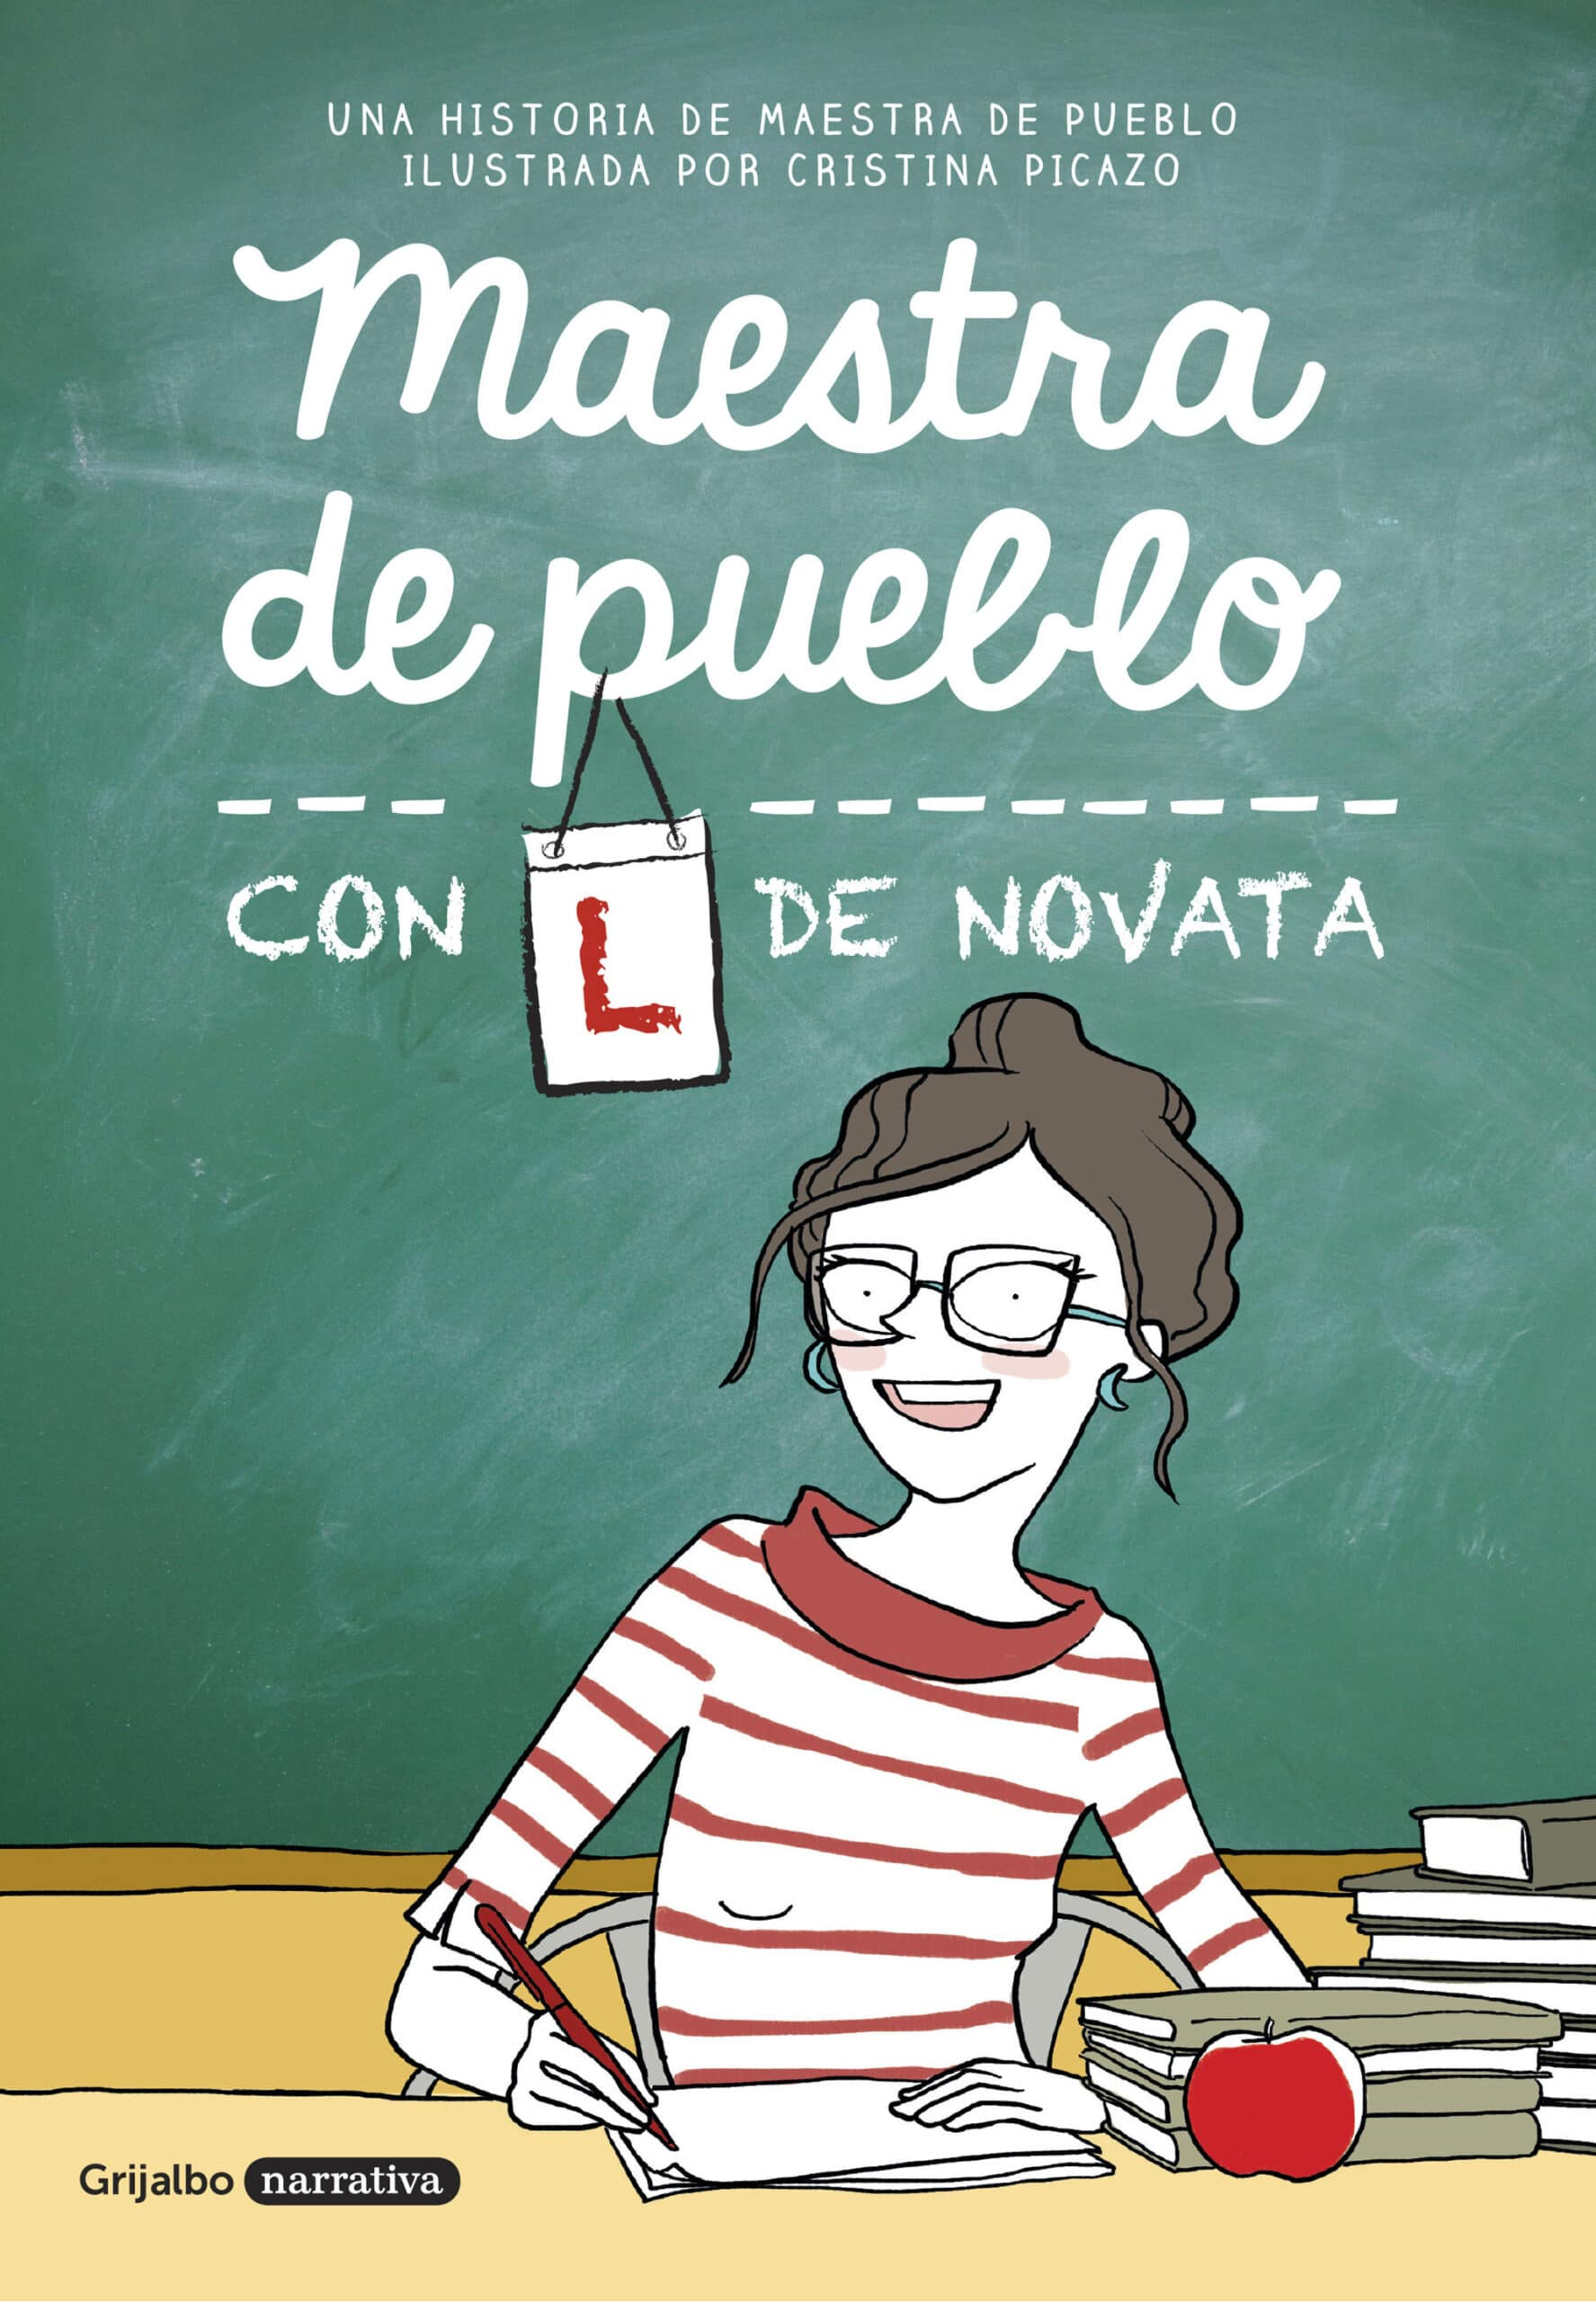 Maestra de pueblo, con L de novata,